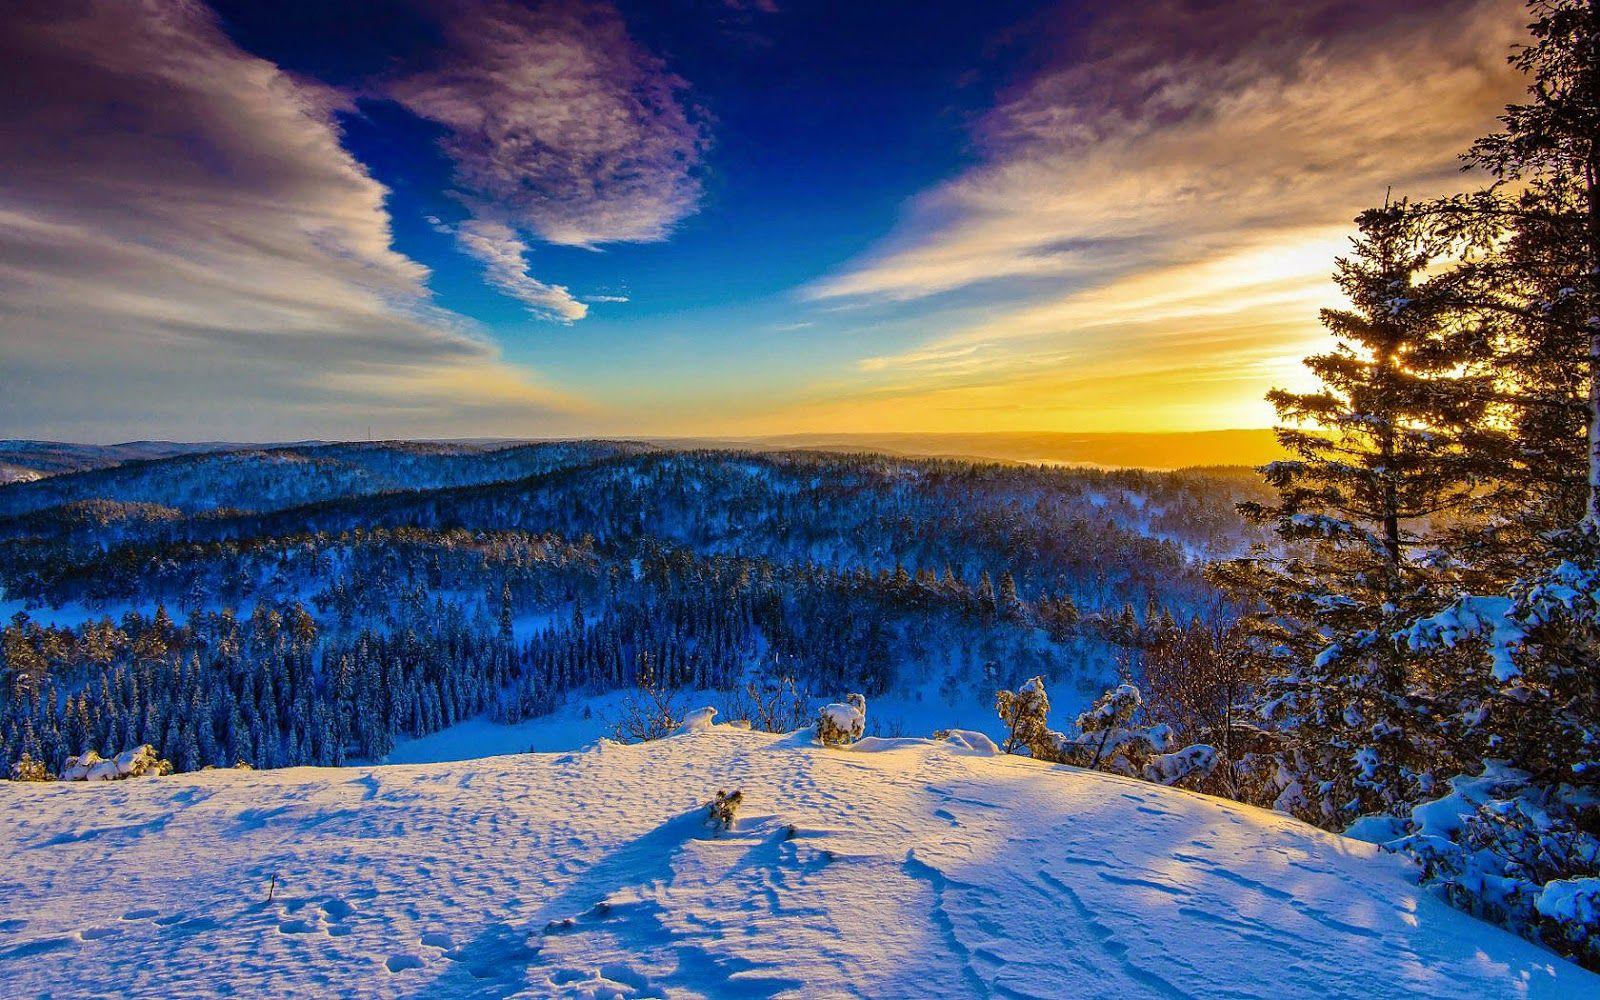 Wald Winter Schnee Landschaften Desktop Hintergrund Hintergrund Desktop Bilder